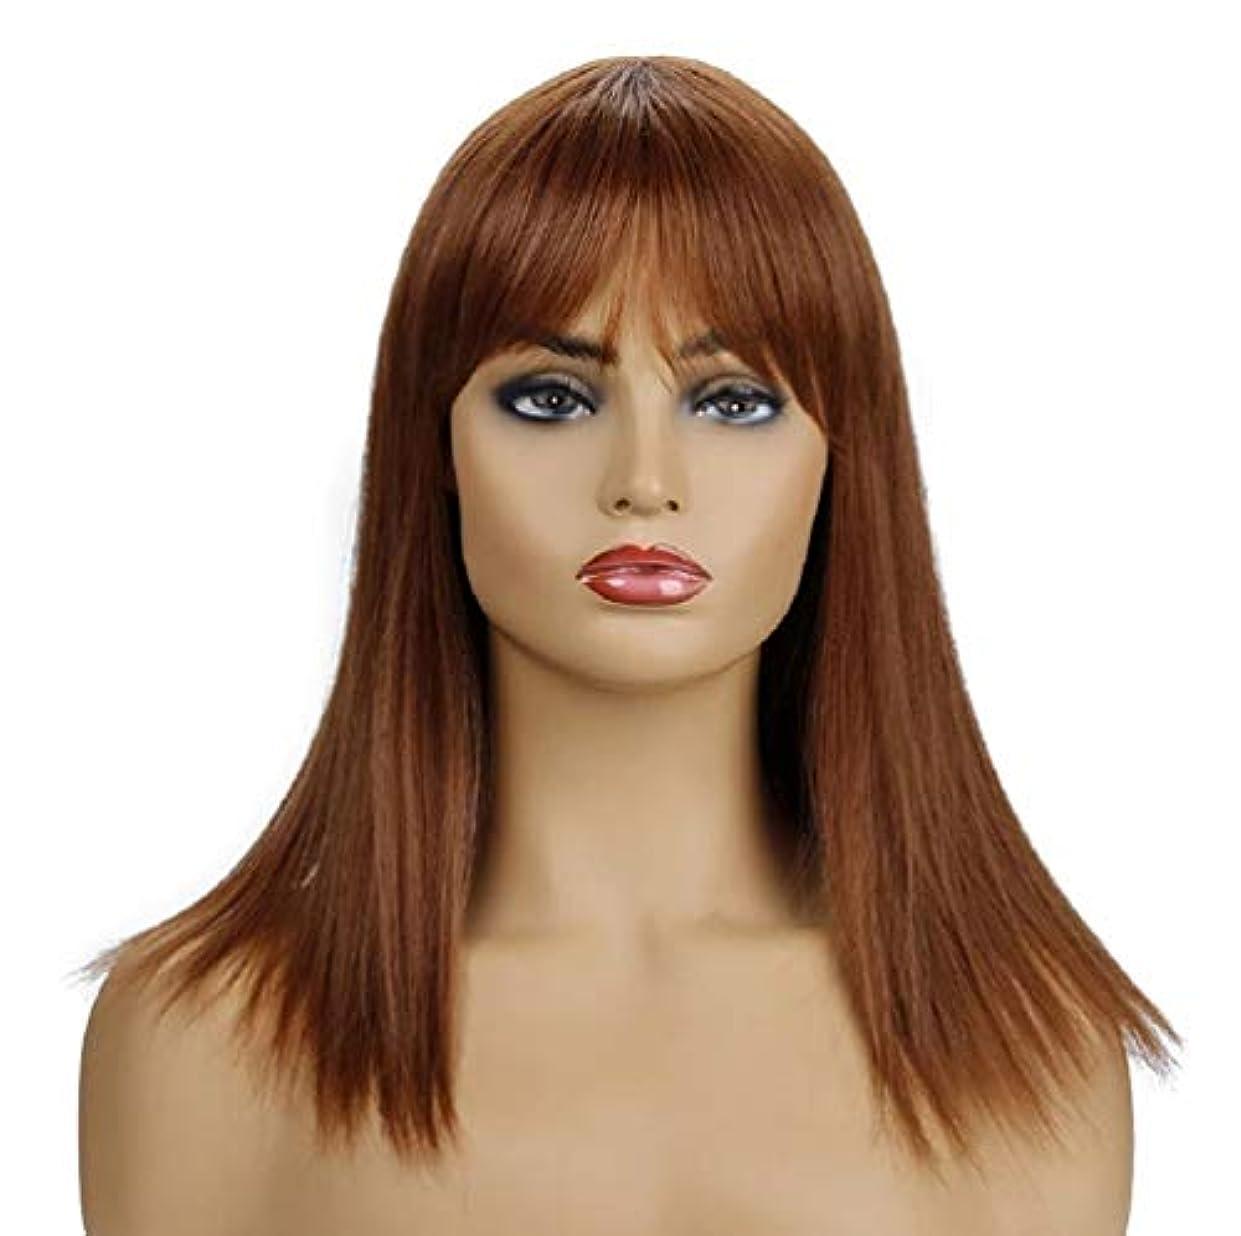 父方のテンション上級女性のかつらブラジル合成耐熱繊維毛自然探しフル150%密度ブラウン42 cm